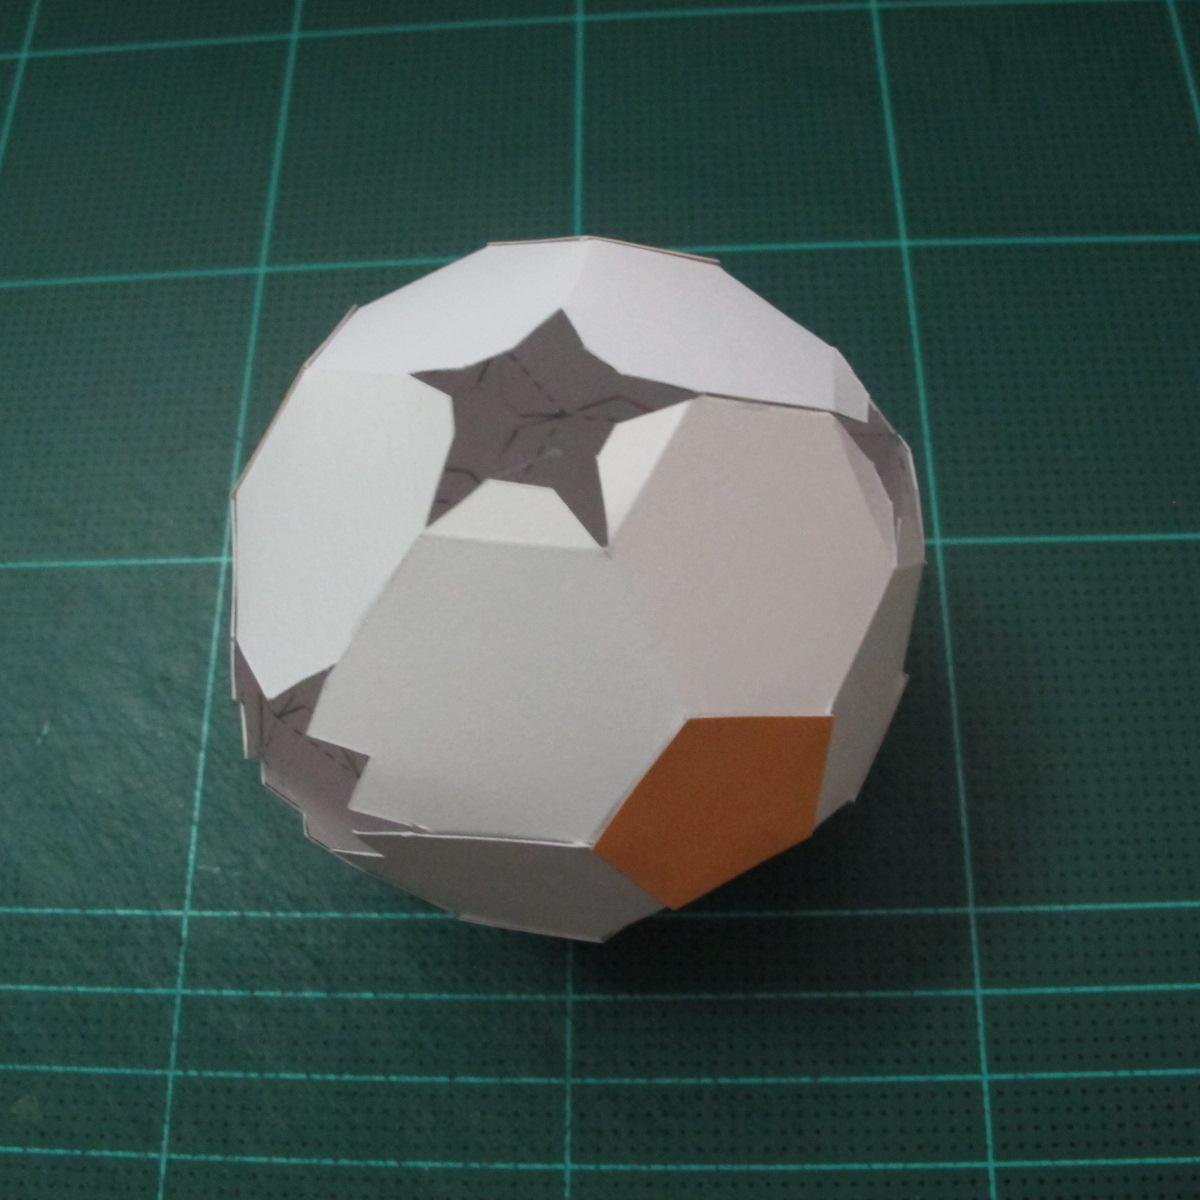 วิธีทำโมเดลกระดาษหมีบราวน์ชุดบอลโลก 2014 ทีมบราซิล (LINE Brown Bear in FIFA World Cup 2014 Brazil Jerseys Papercraft Model) 007